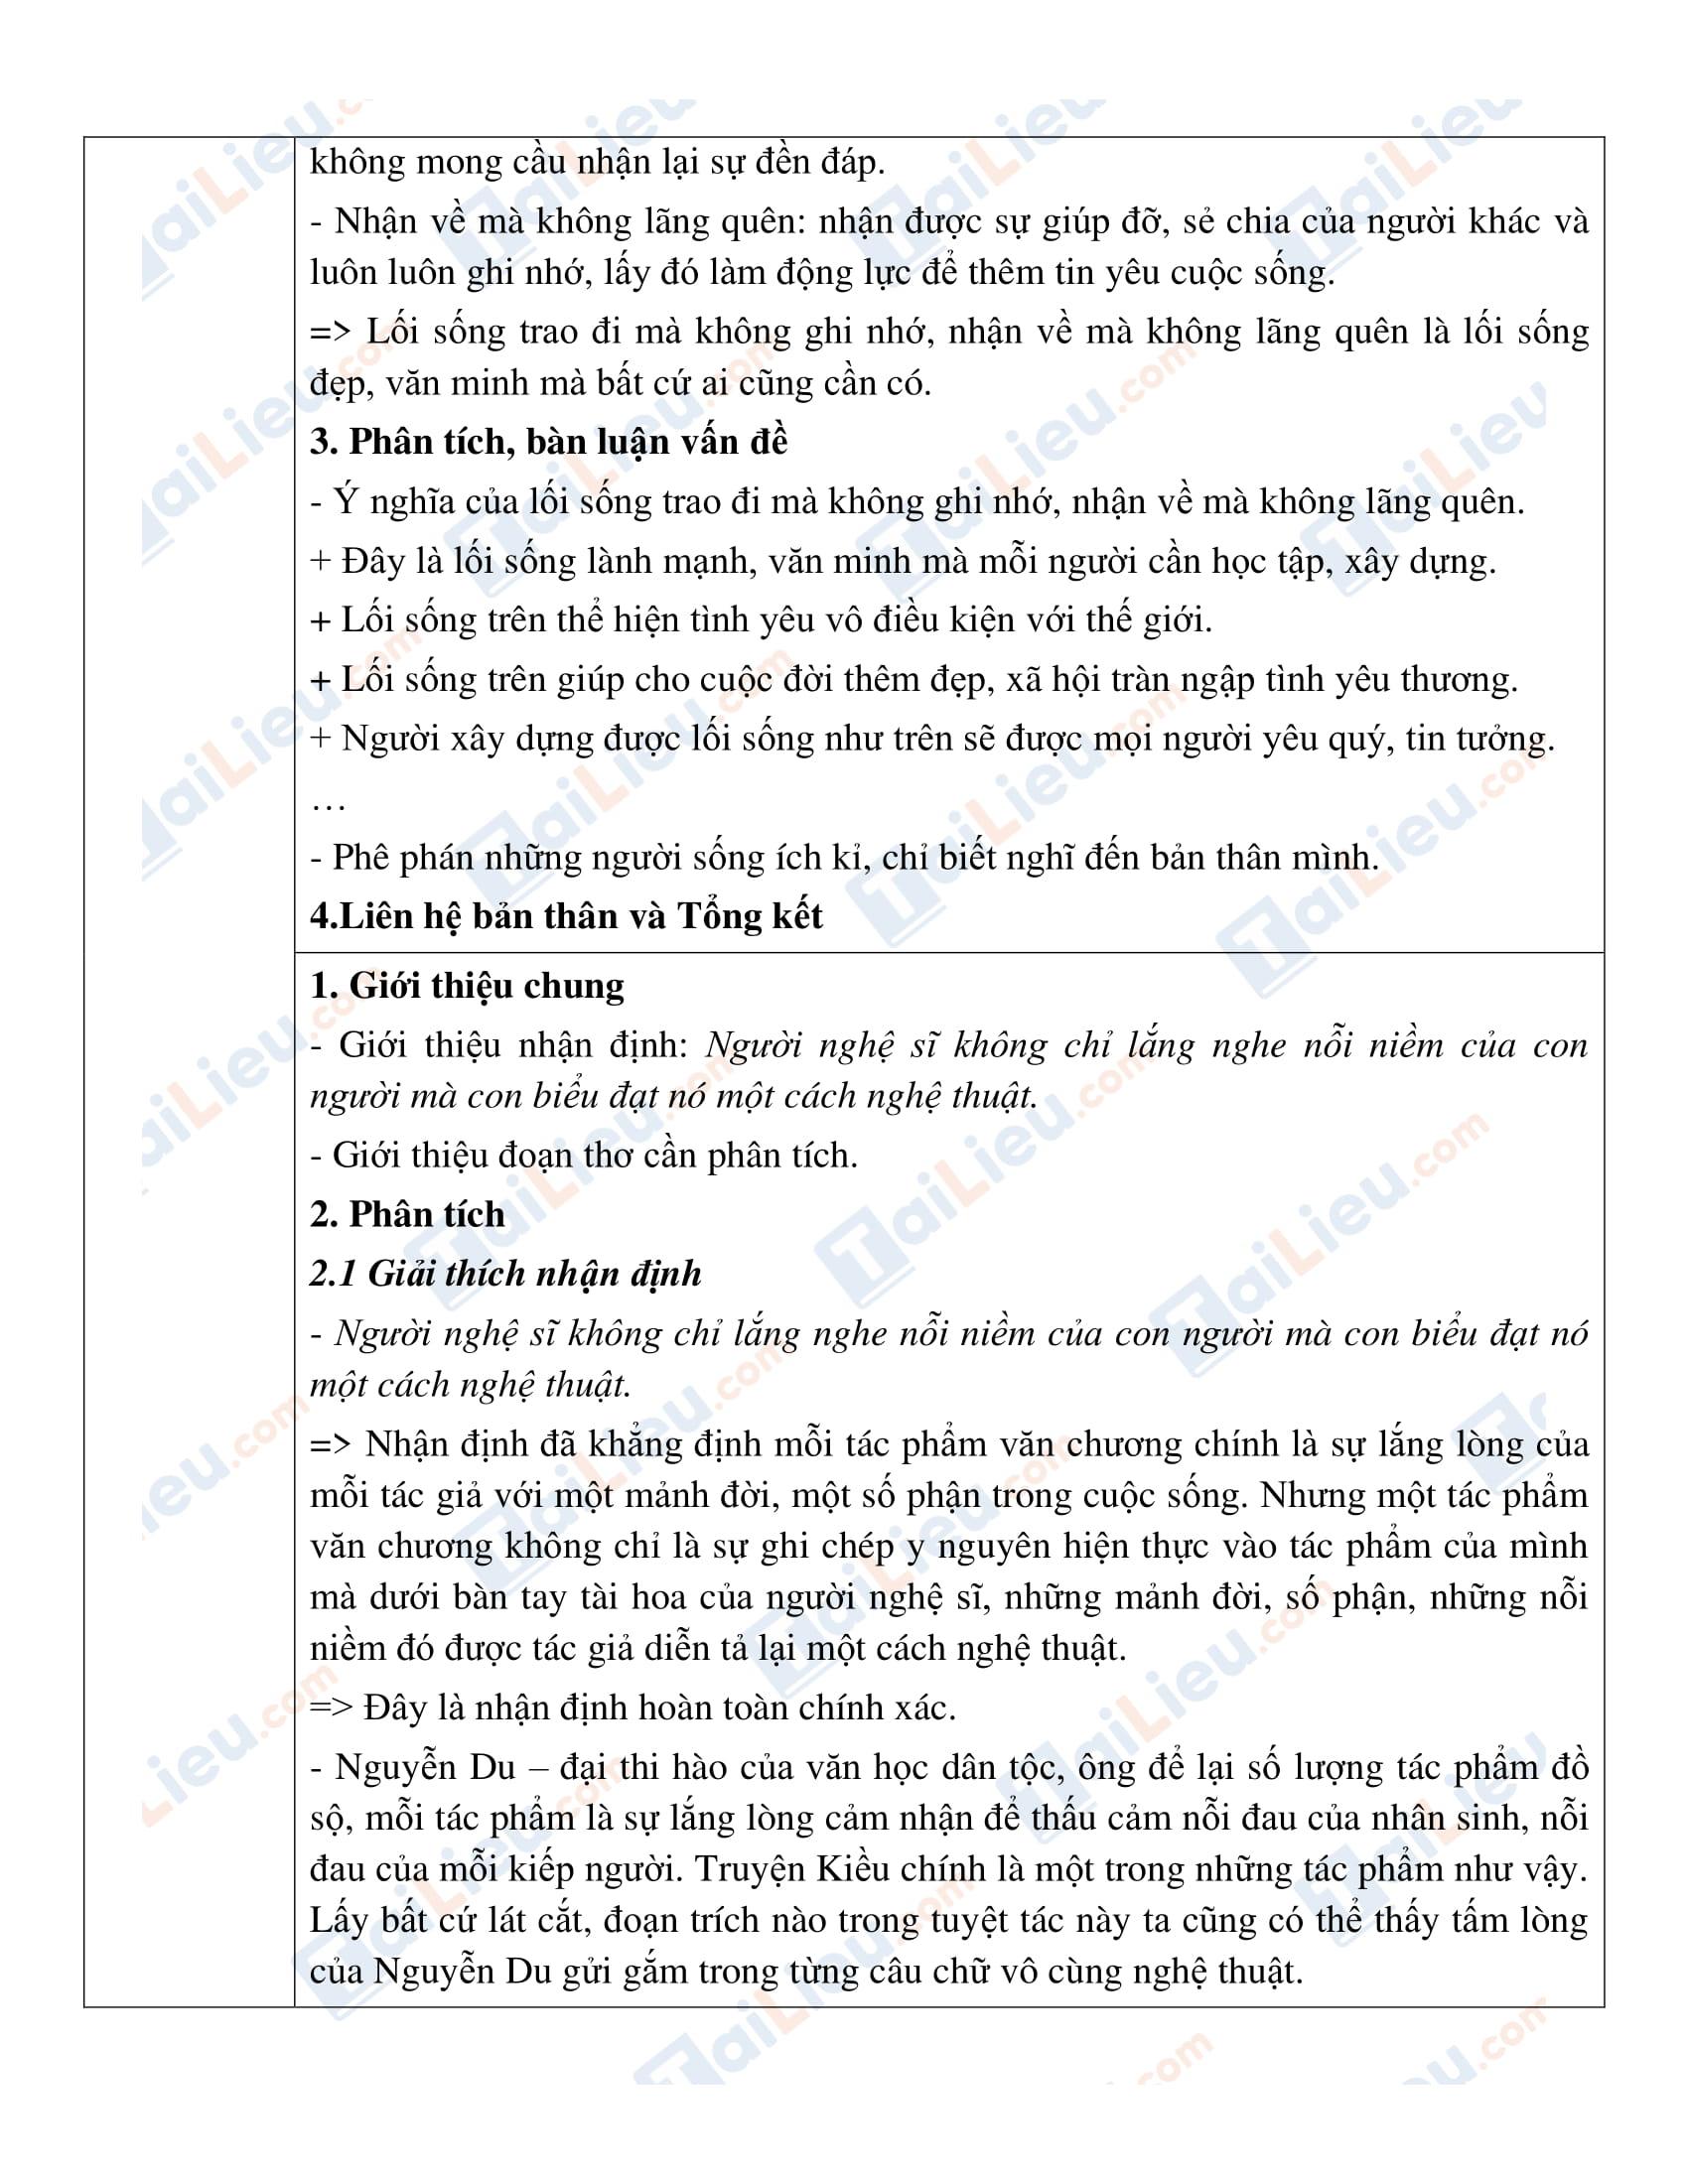 Đáp án môn Văn thi vào 10 Nam Định năm 2020_2